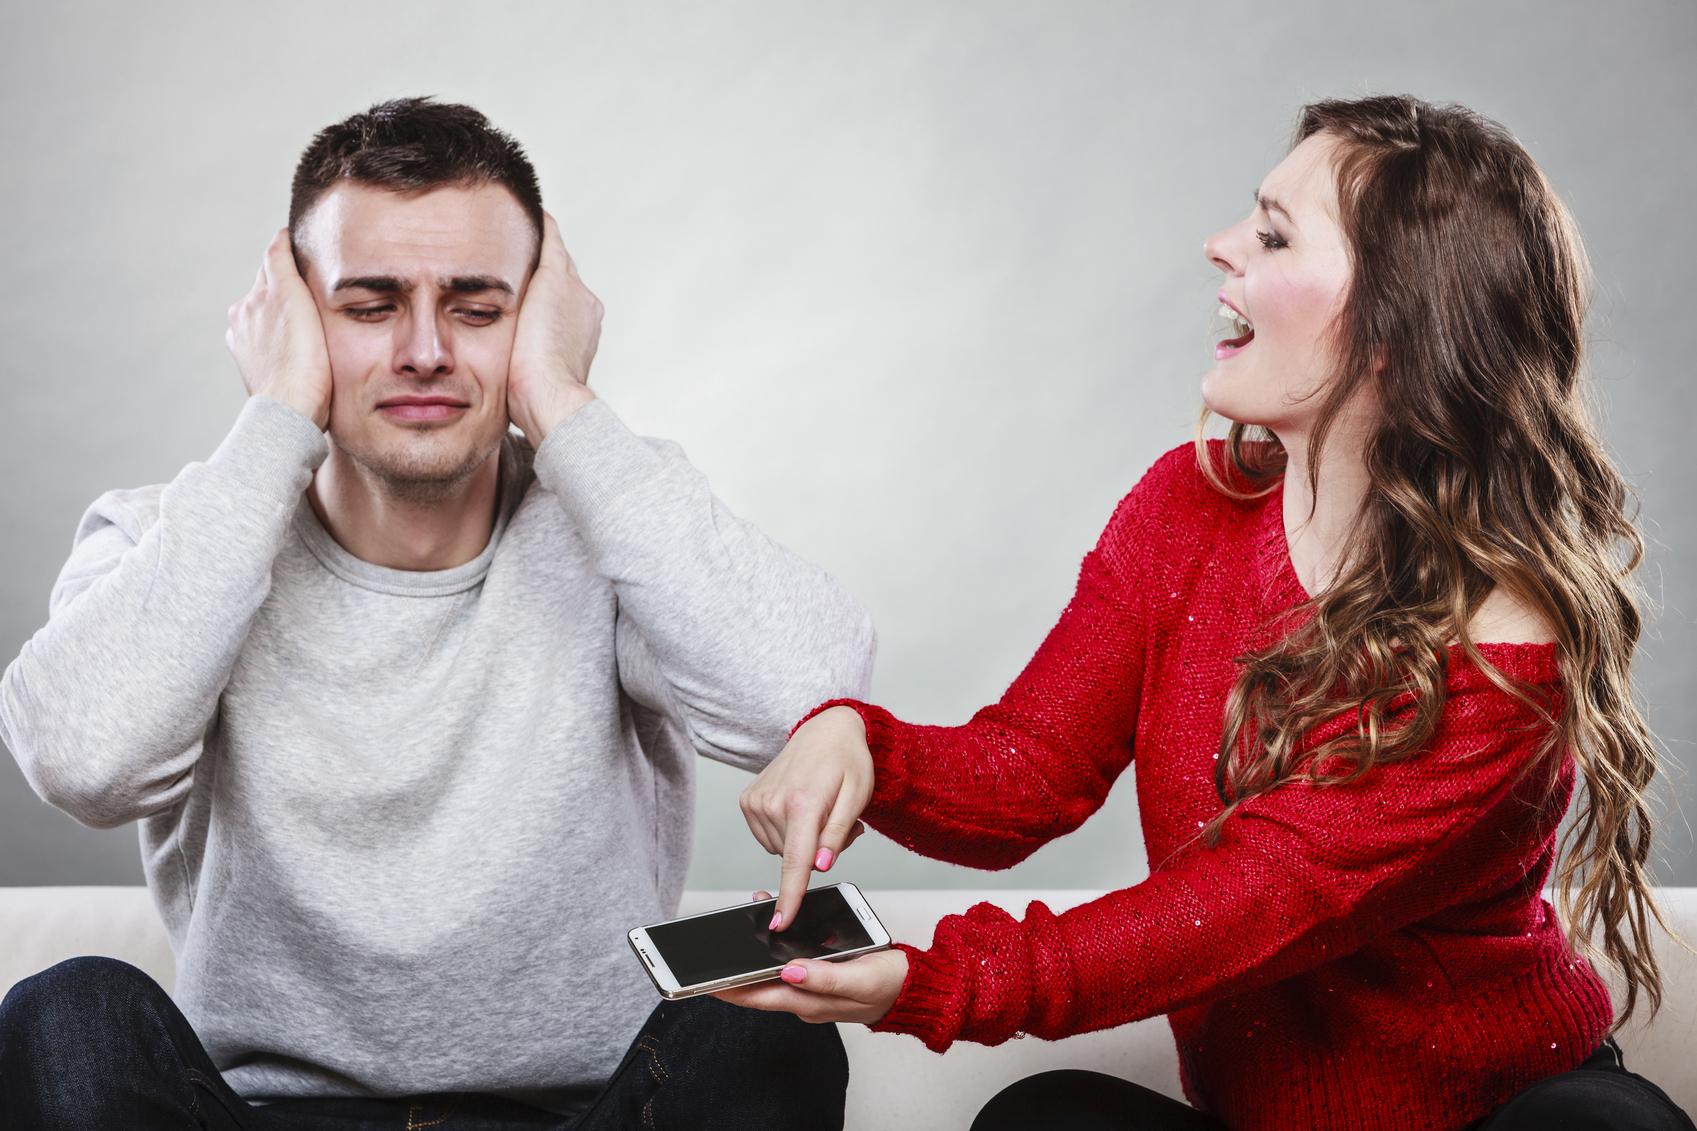 Wife shouting at husband. Cheating man. Betrayal.